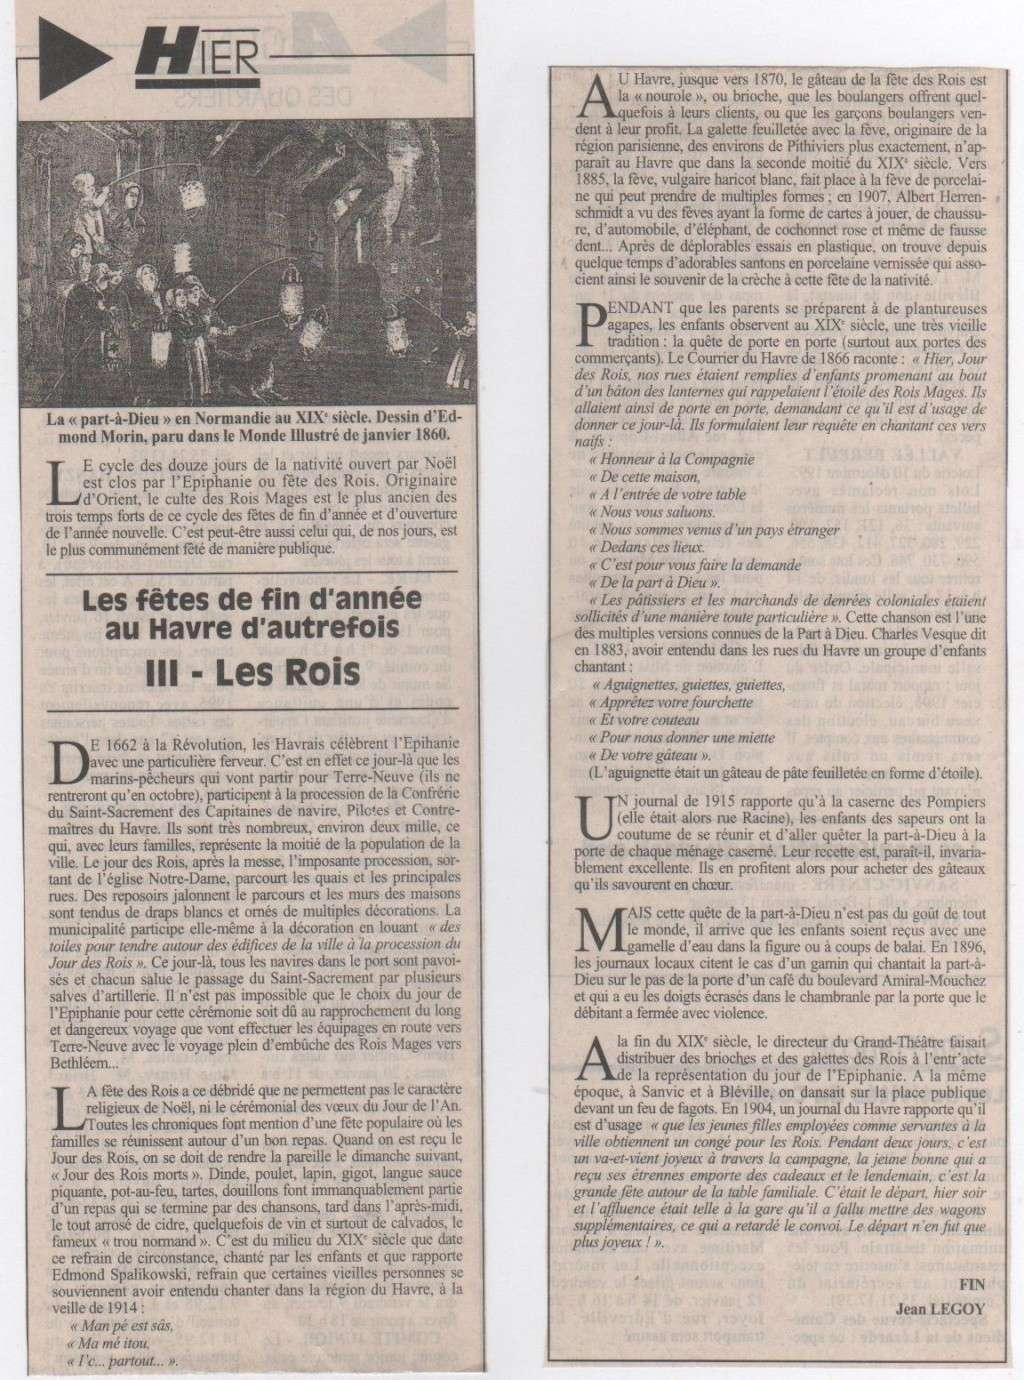 Hier, Le Havre par Jean LEGOY - Page 2 Les_fa12